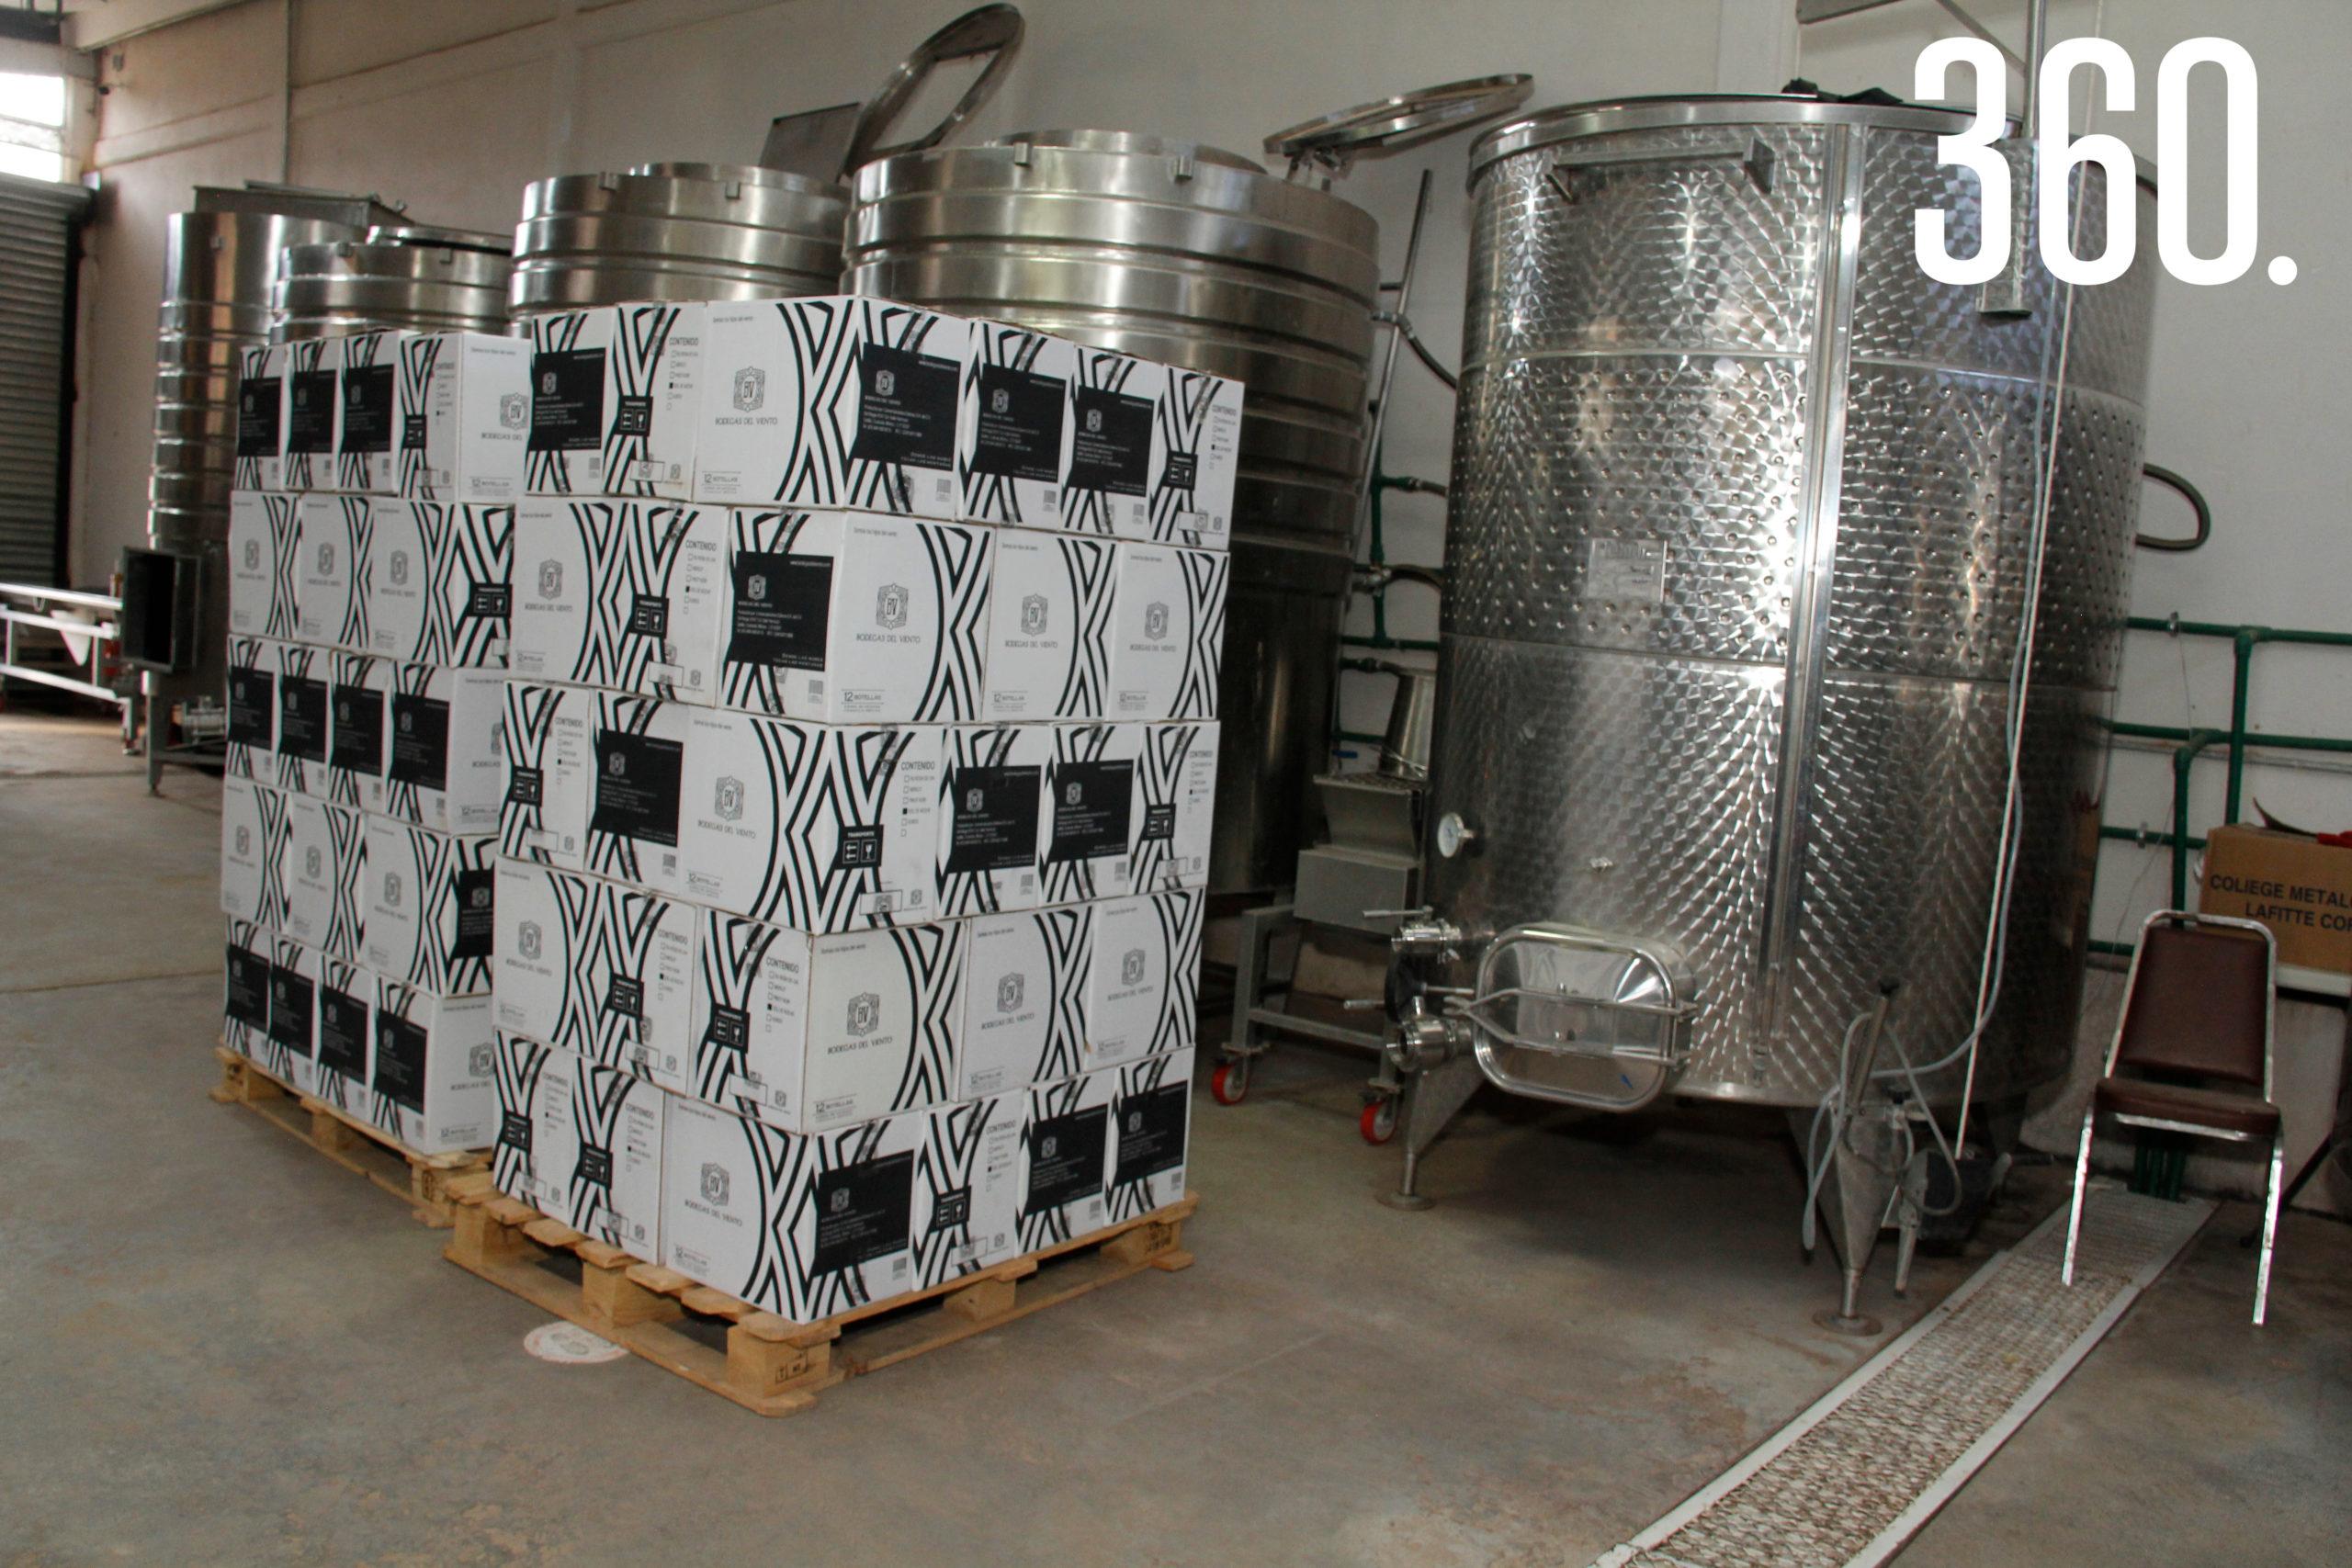 Los vinos ya envasados se colocan en cajas de acuerdo a su variedad y cosecha.